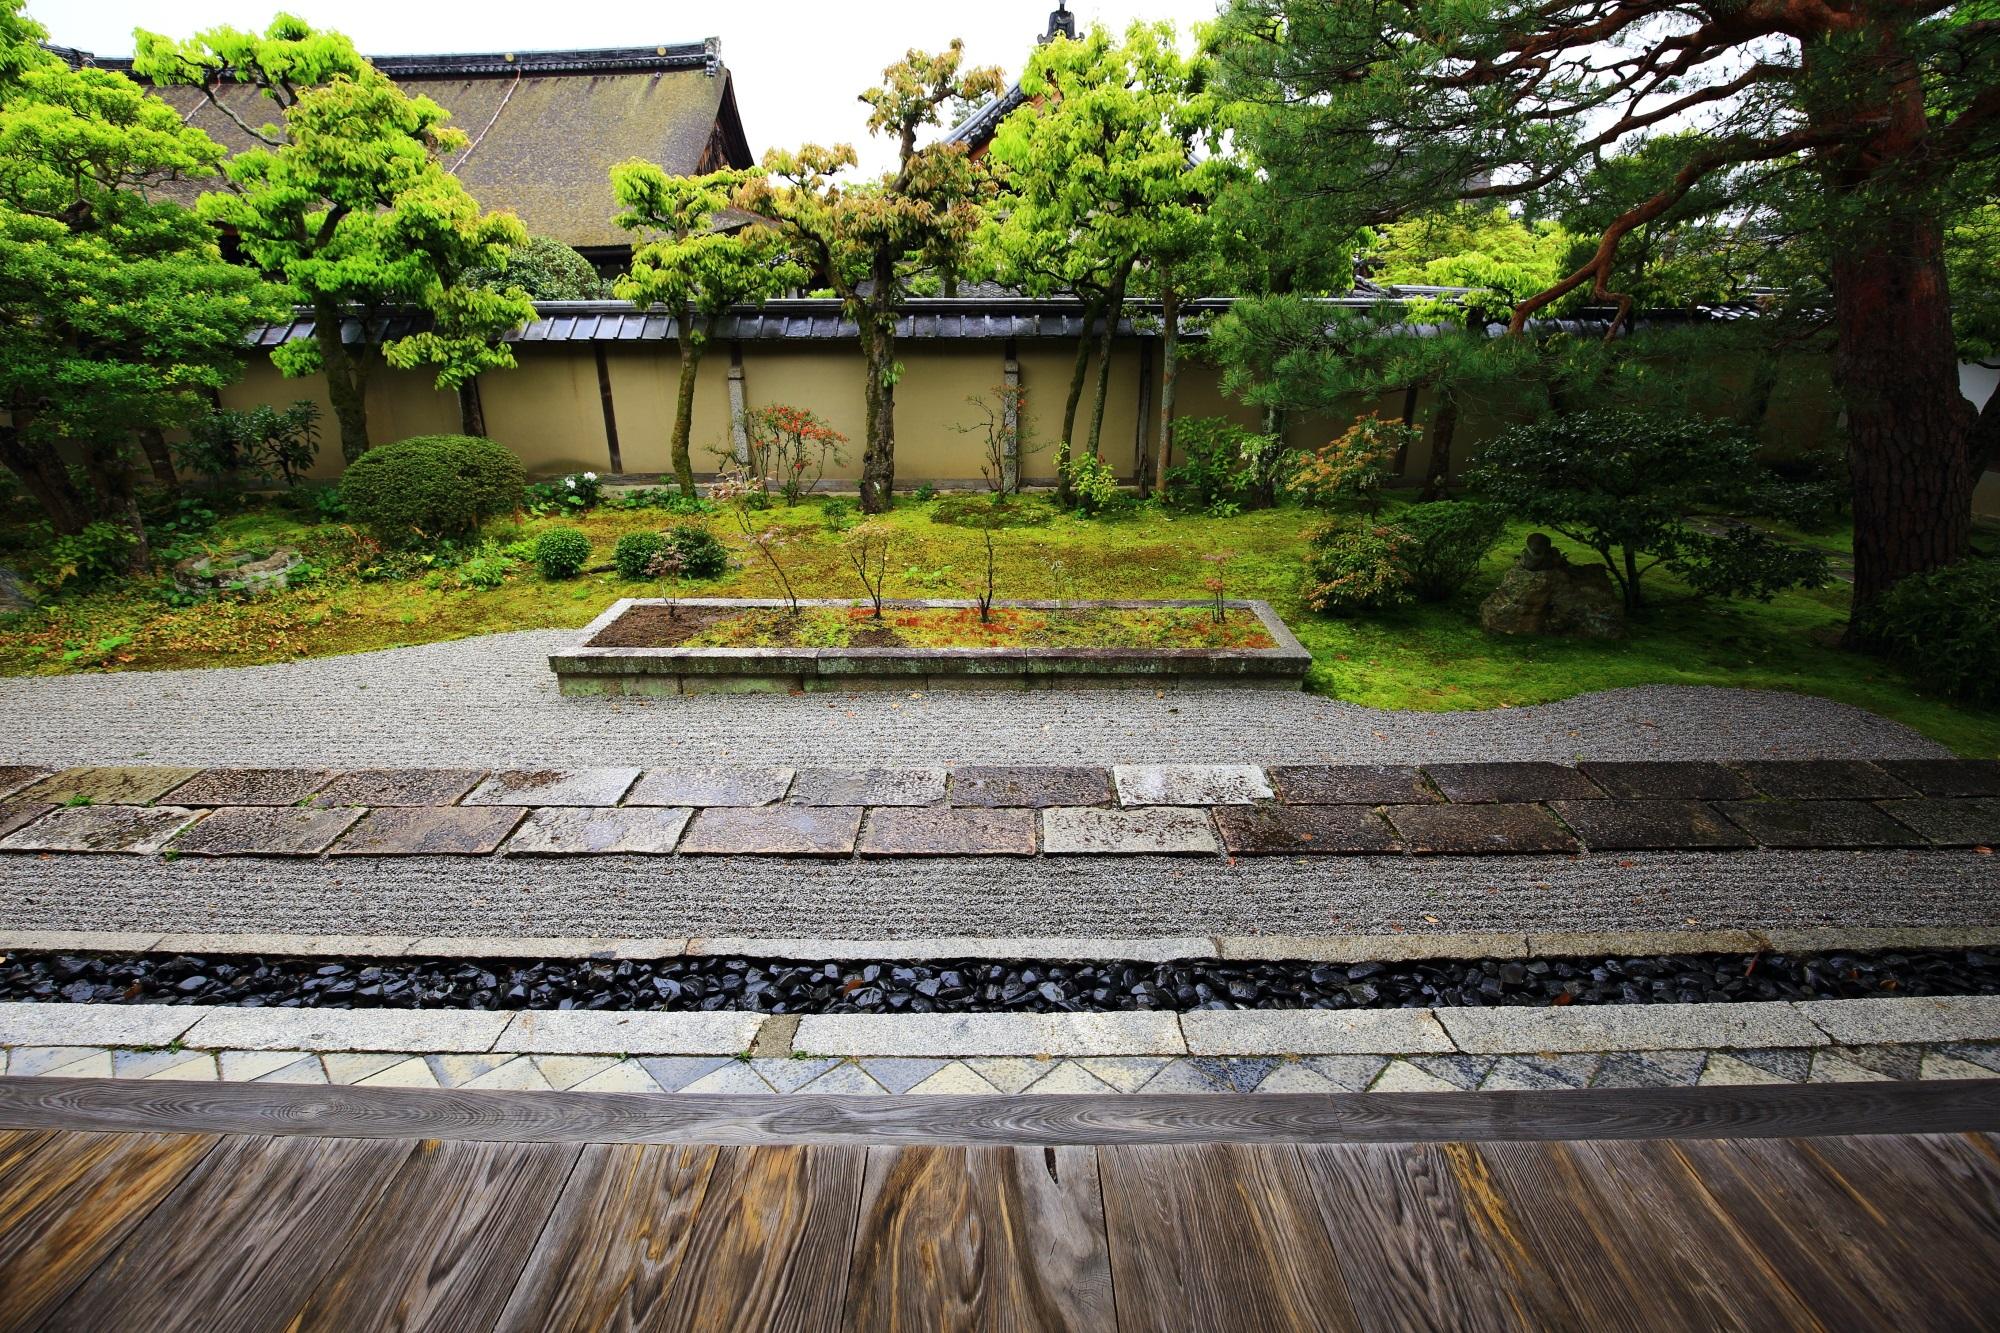 大心院の風情ある見事な枯山水庭園である本堂前庭園